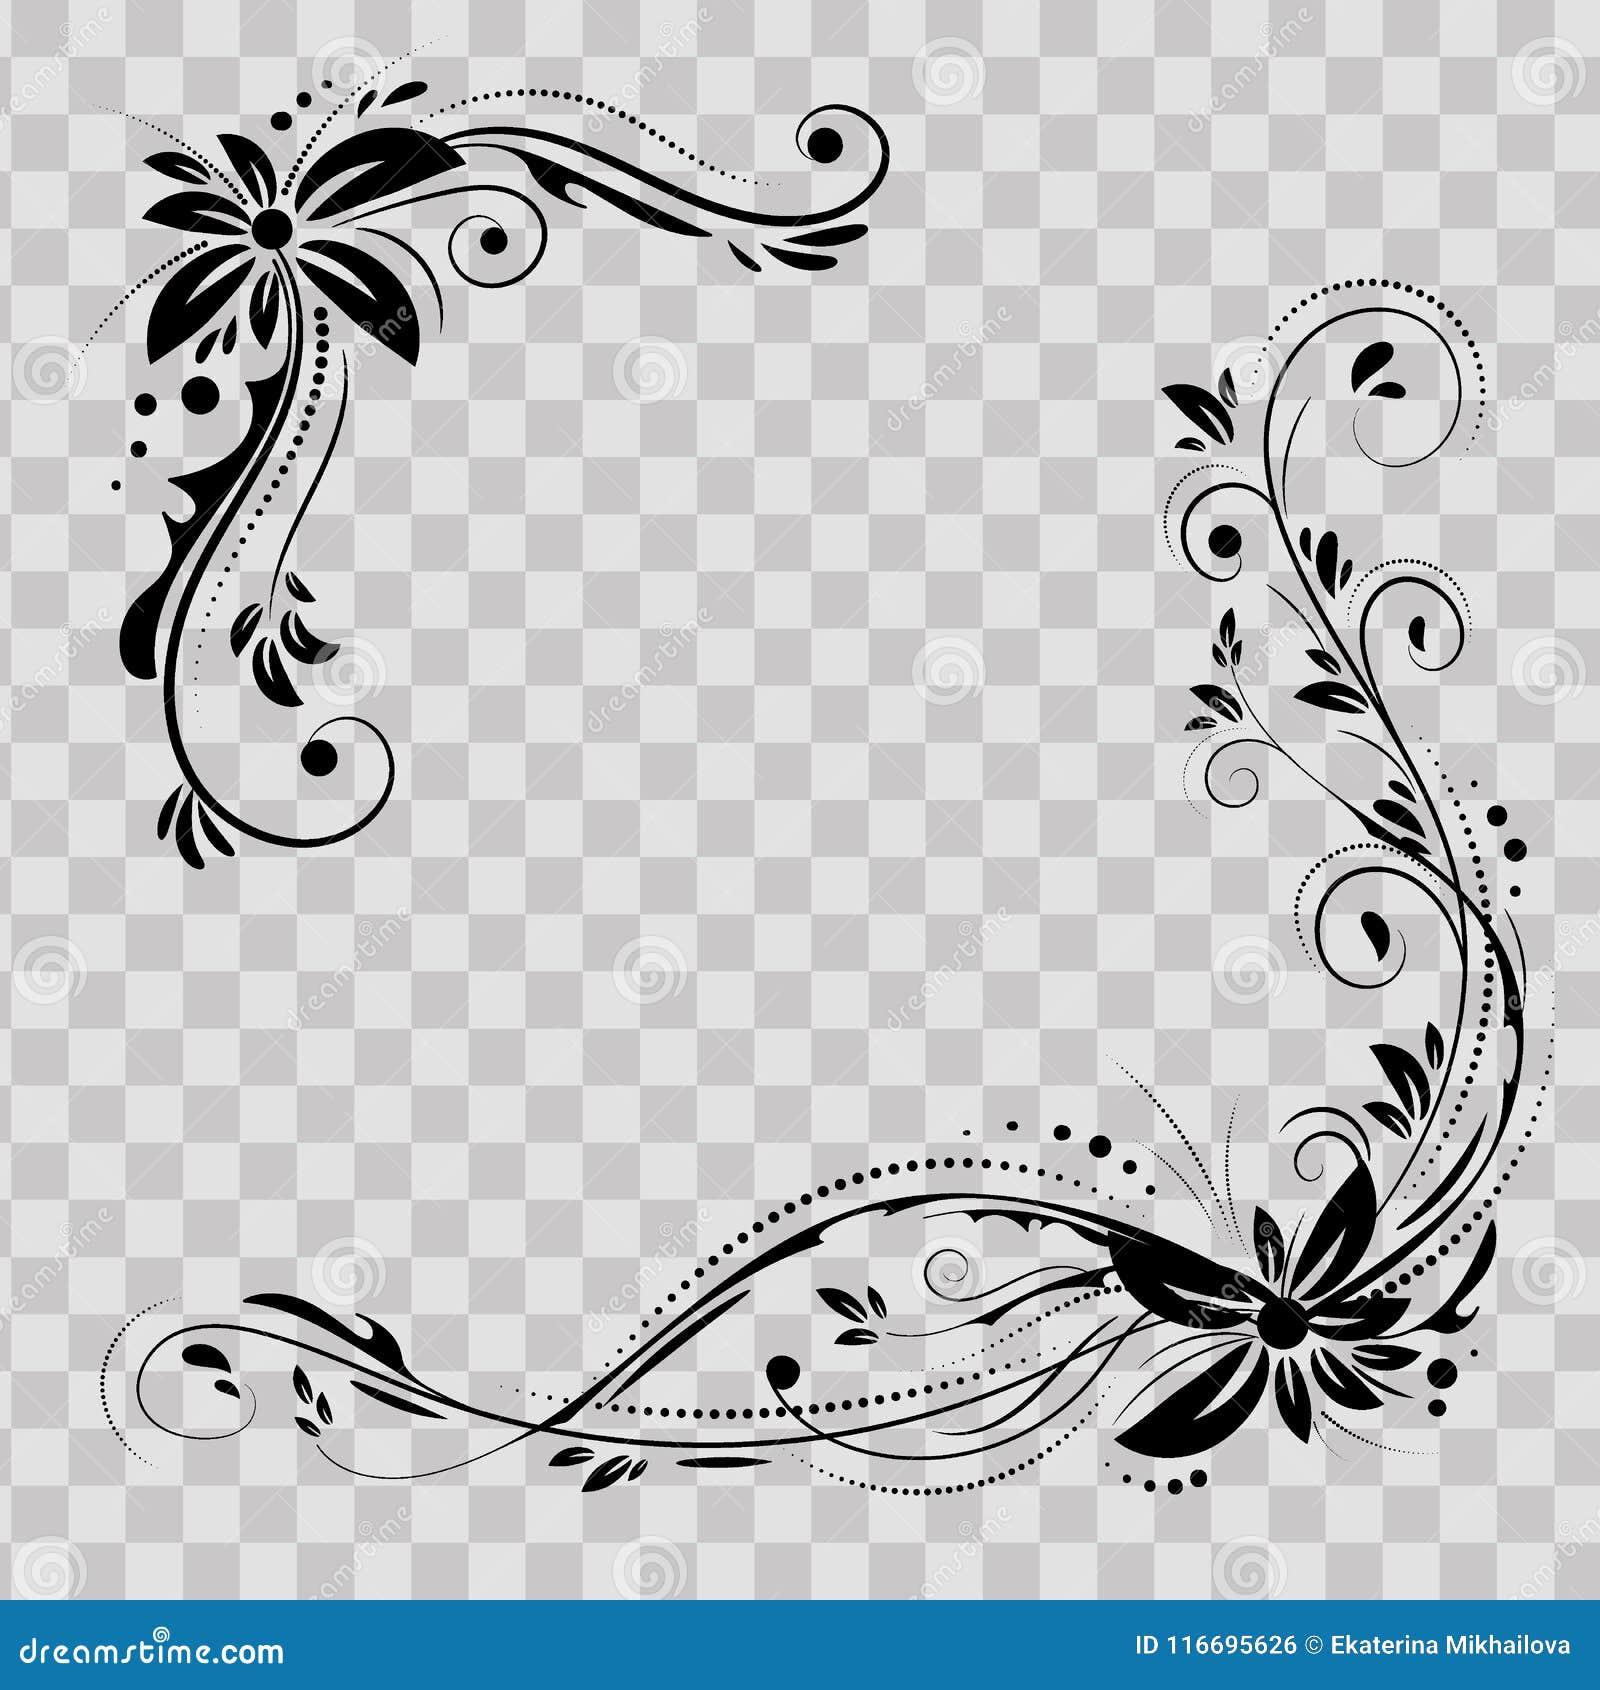 Diseño de la esquina floral Adorne las flores negras en fondo transparente - vector la acción Frontera decorativa con florido